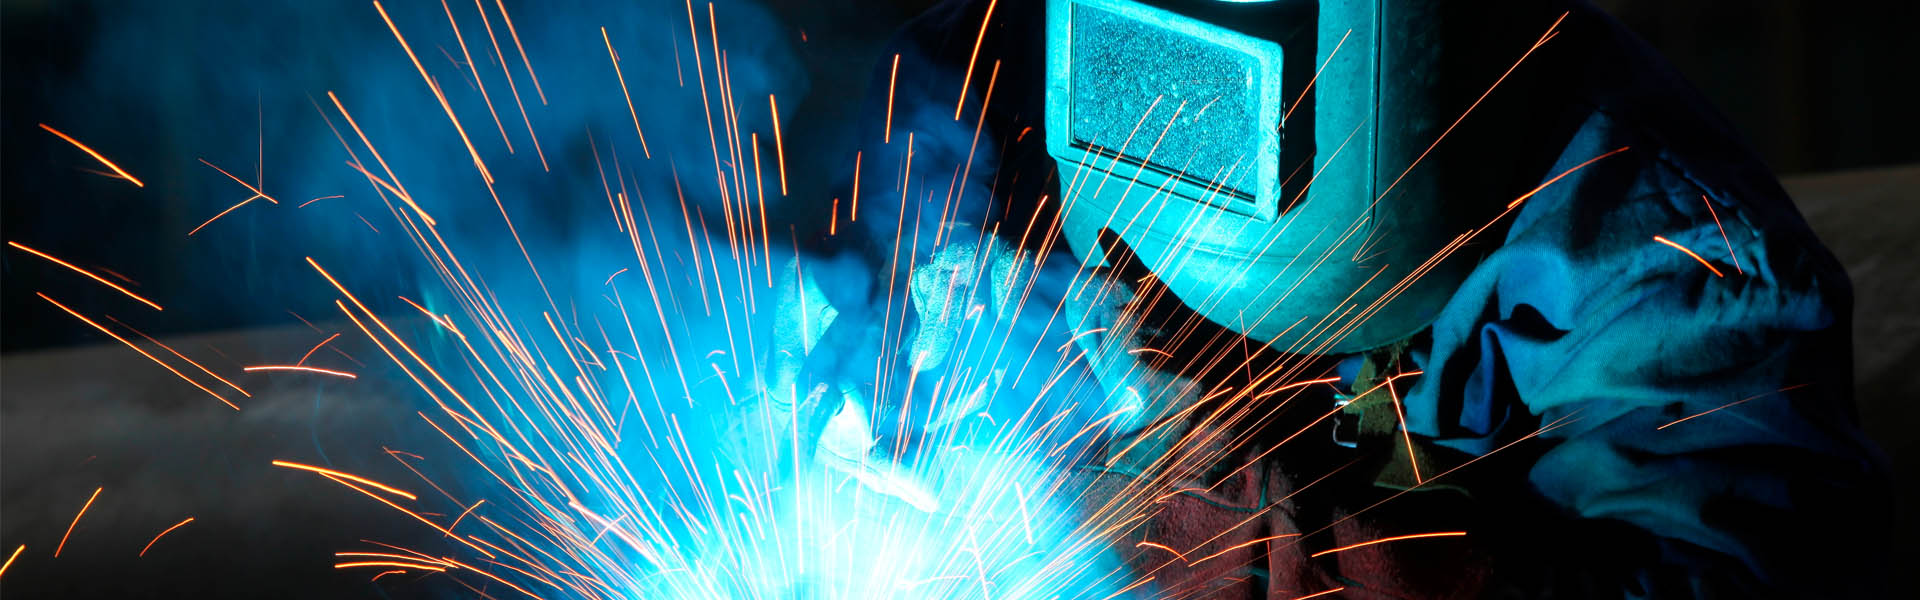 mecanizado-cnc-moldes-torneria-y-piezas-especiales-639501-MLA20351915553_072015-F.jpg